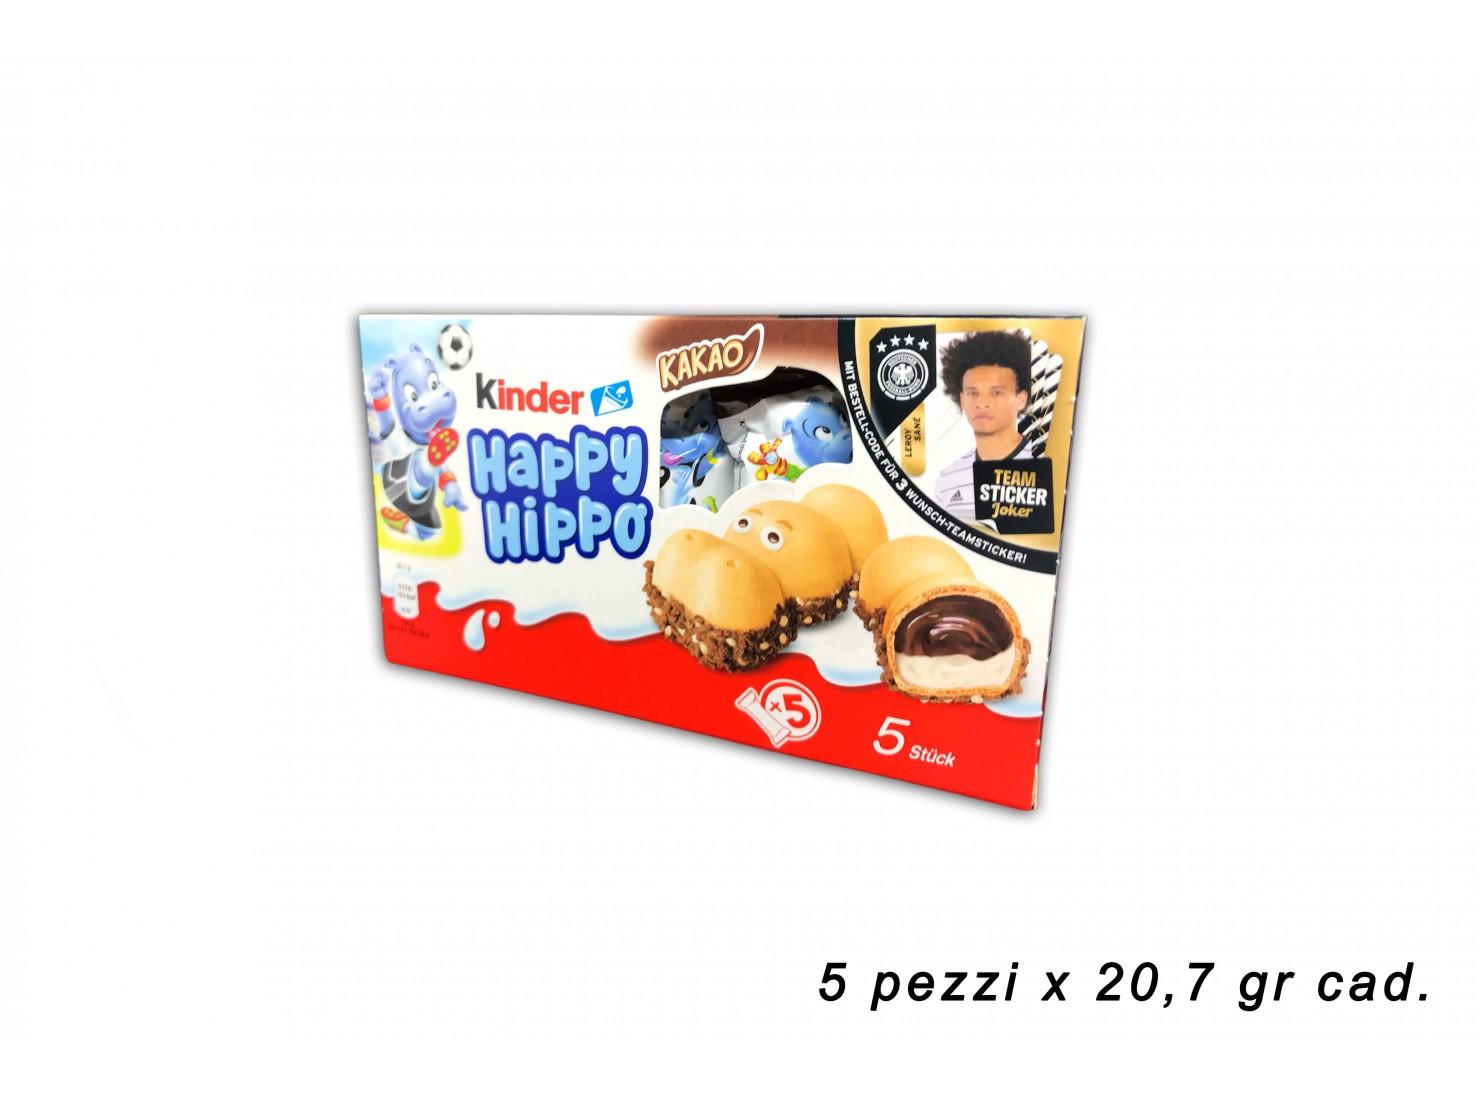 HAPPY HIPPO KAKAO KINDER